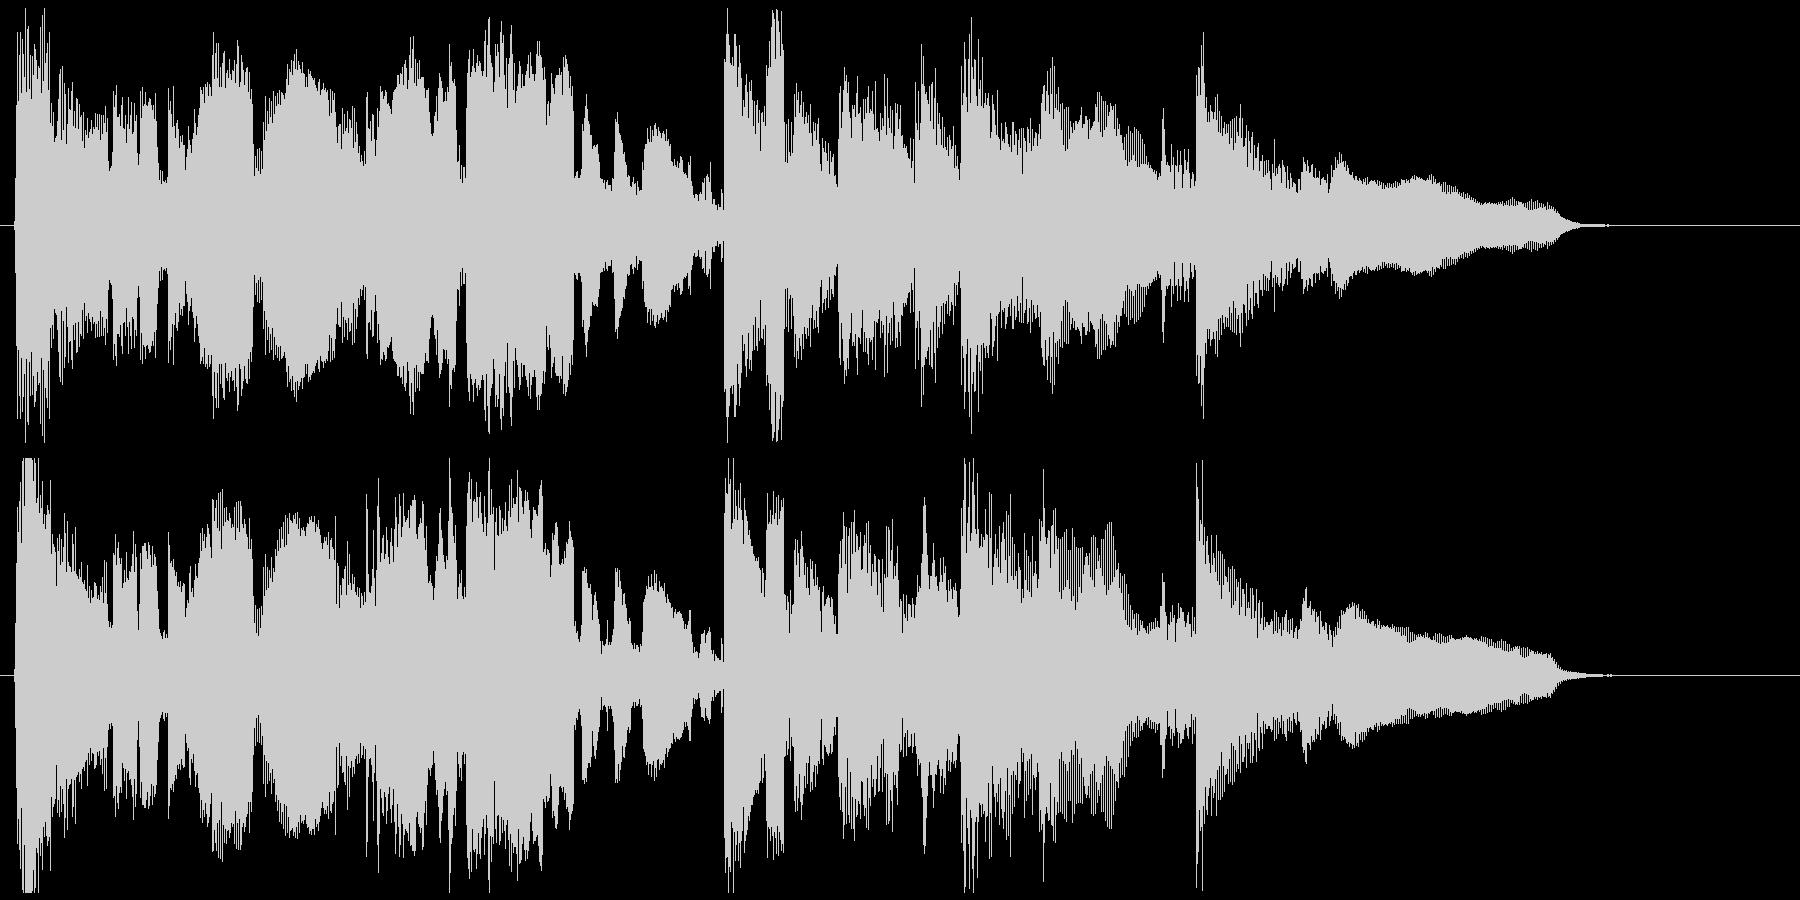 エピローグ的なサックスバラードのジングルの未再生の波形